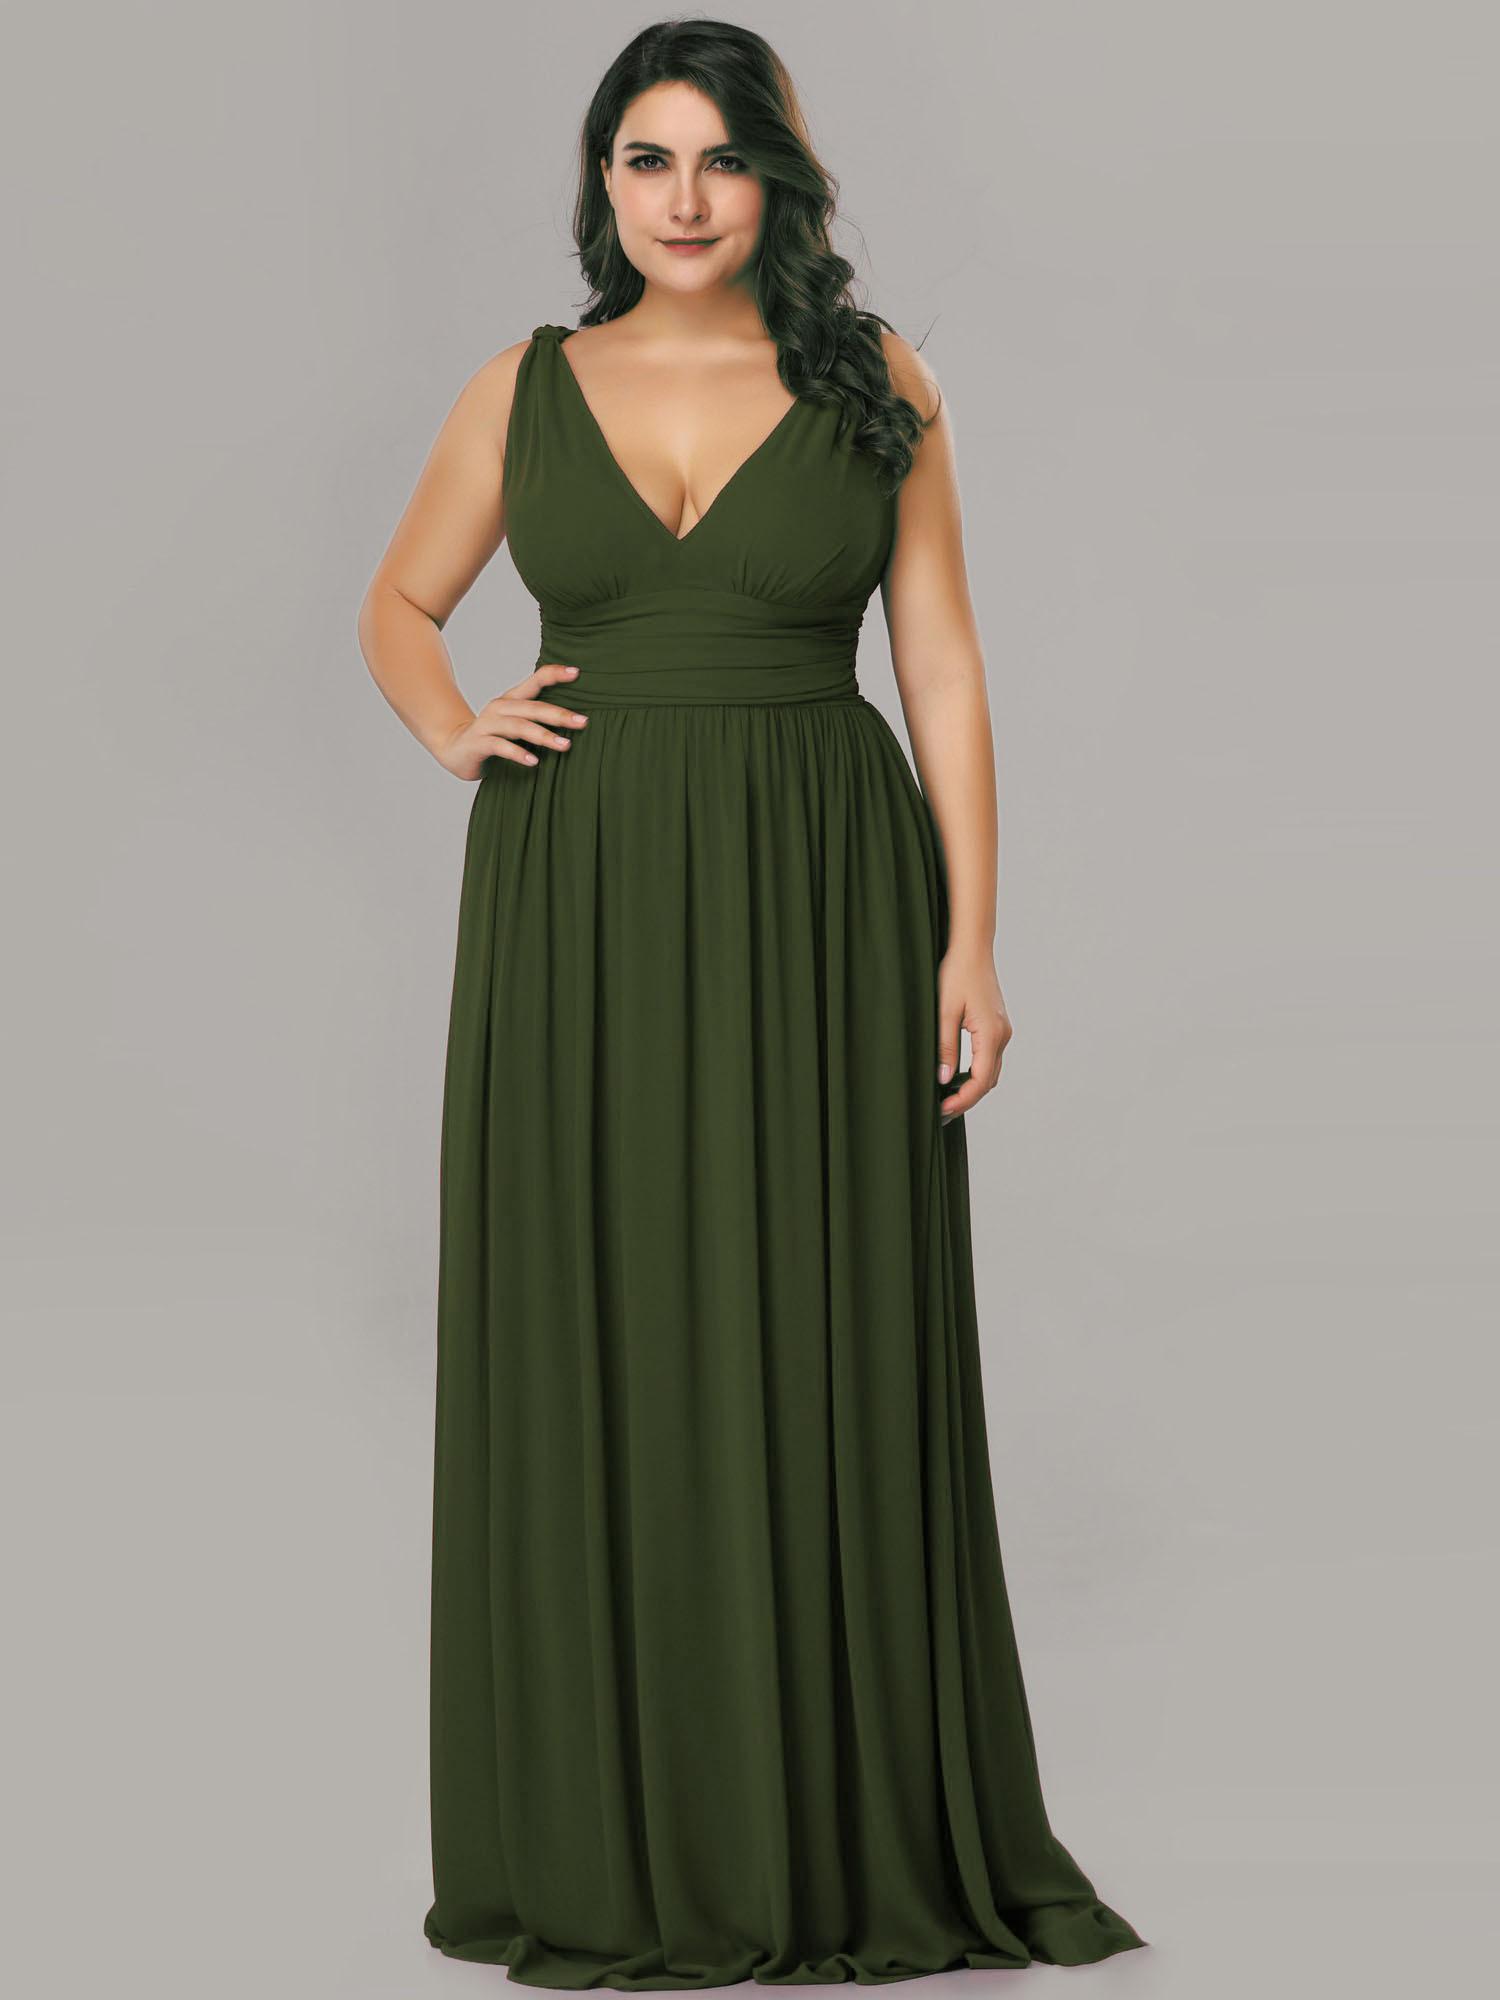 Designer Erstaunlich Abendbekleidung Damen Große Größen Stylish10 Luxurius Abendbekleidung Damen Große Größen Spezialgebiet